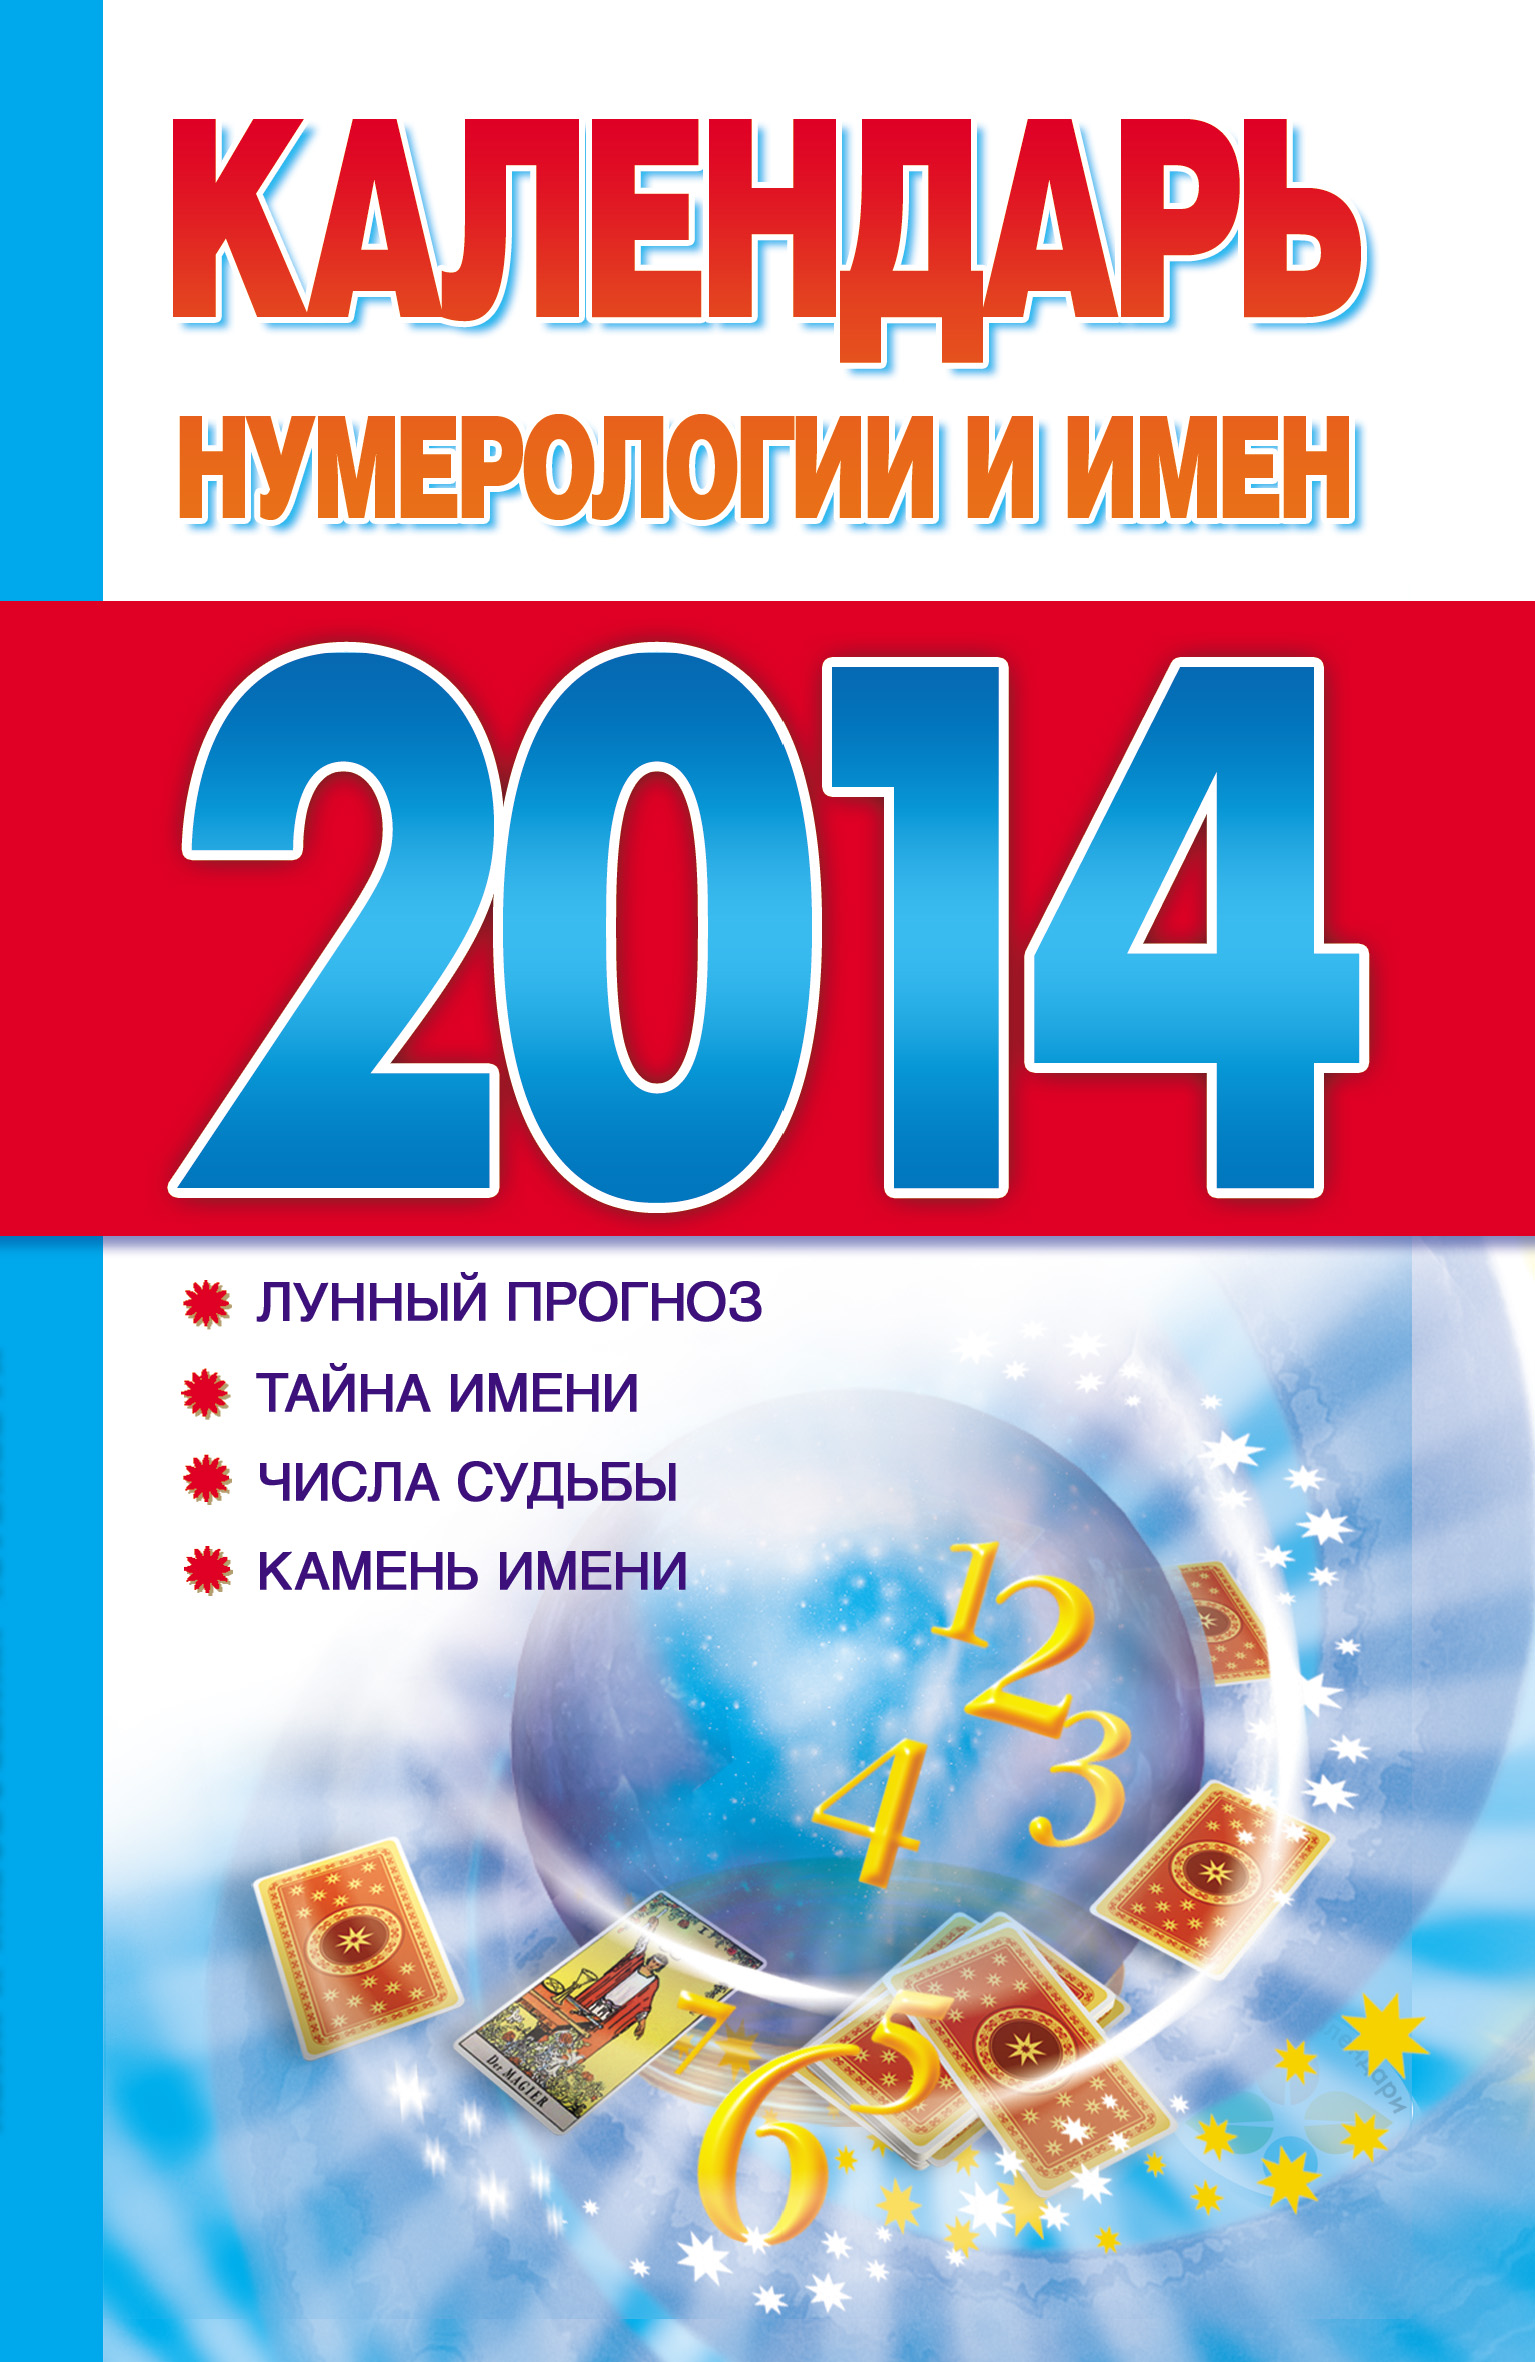 цены Отсутствует Календарь нумерологии и имен 2014